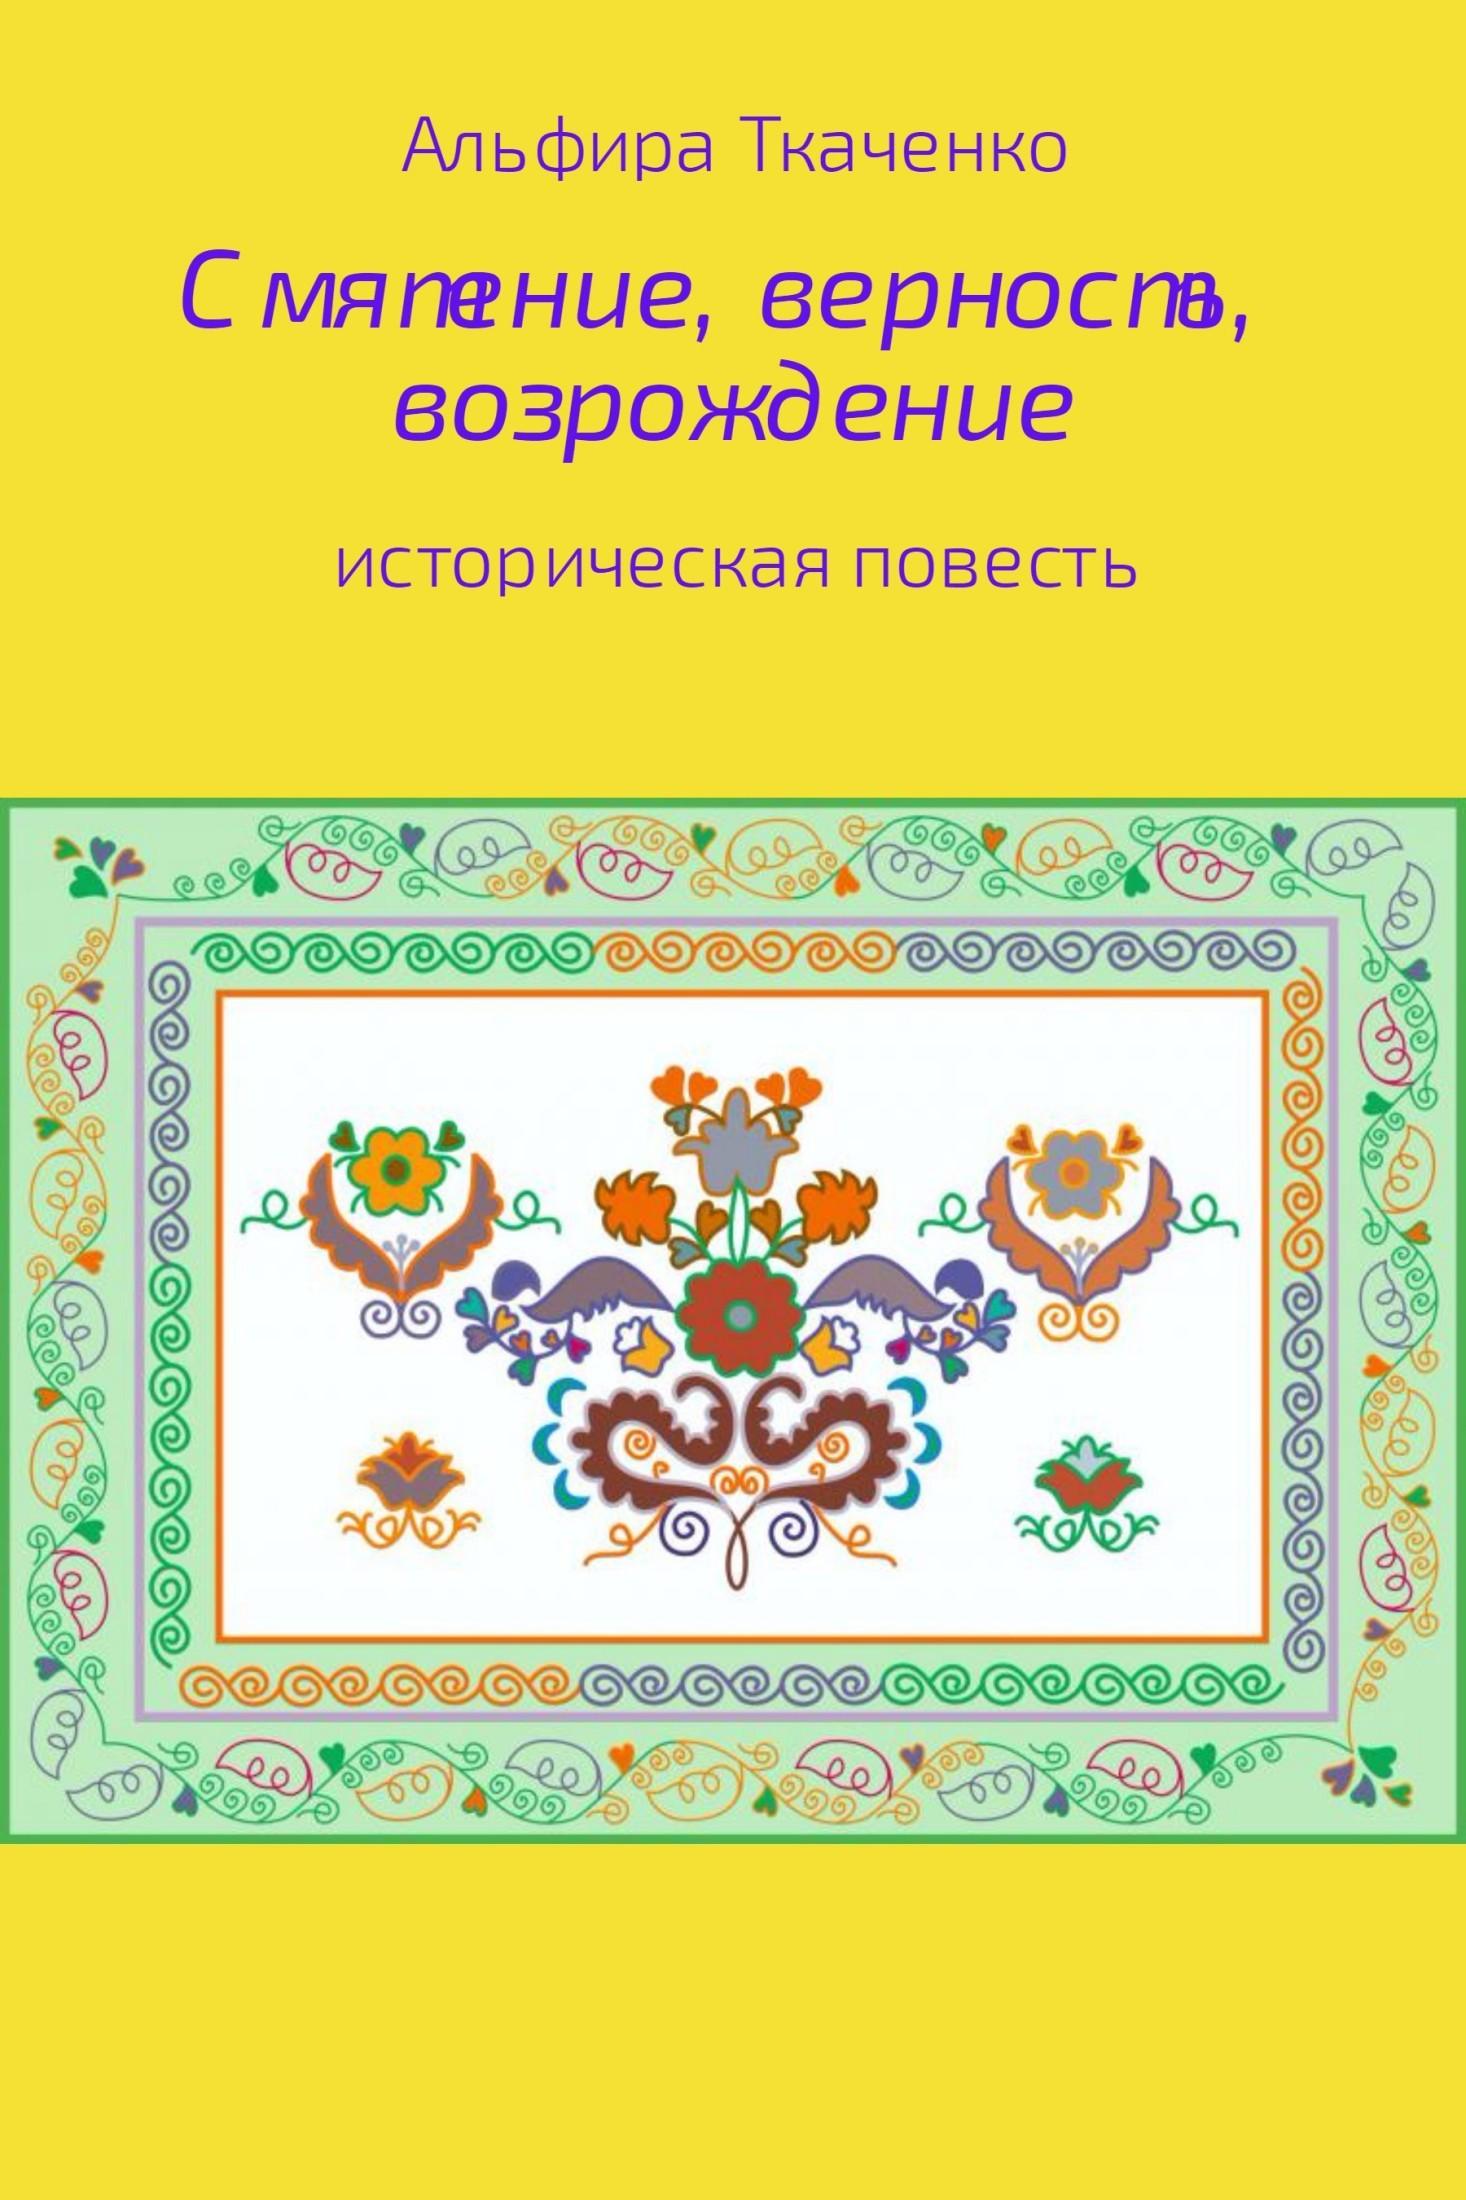 Альфира Федоровна Ткаченко. Смятение, верность, возрождение